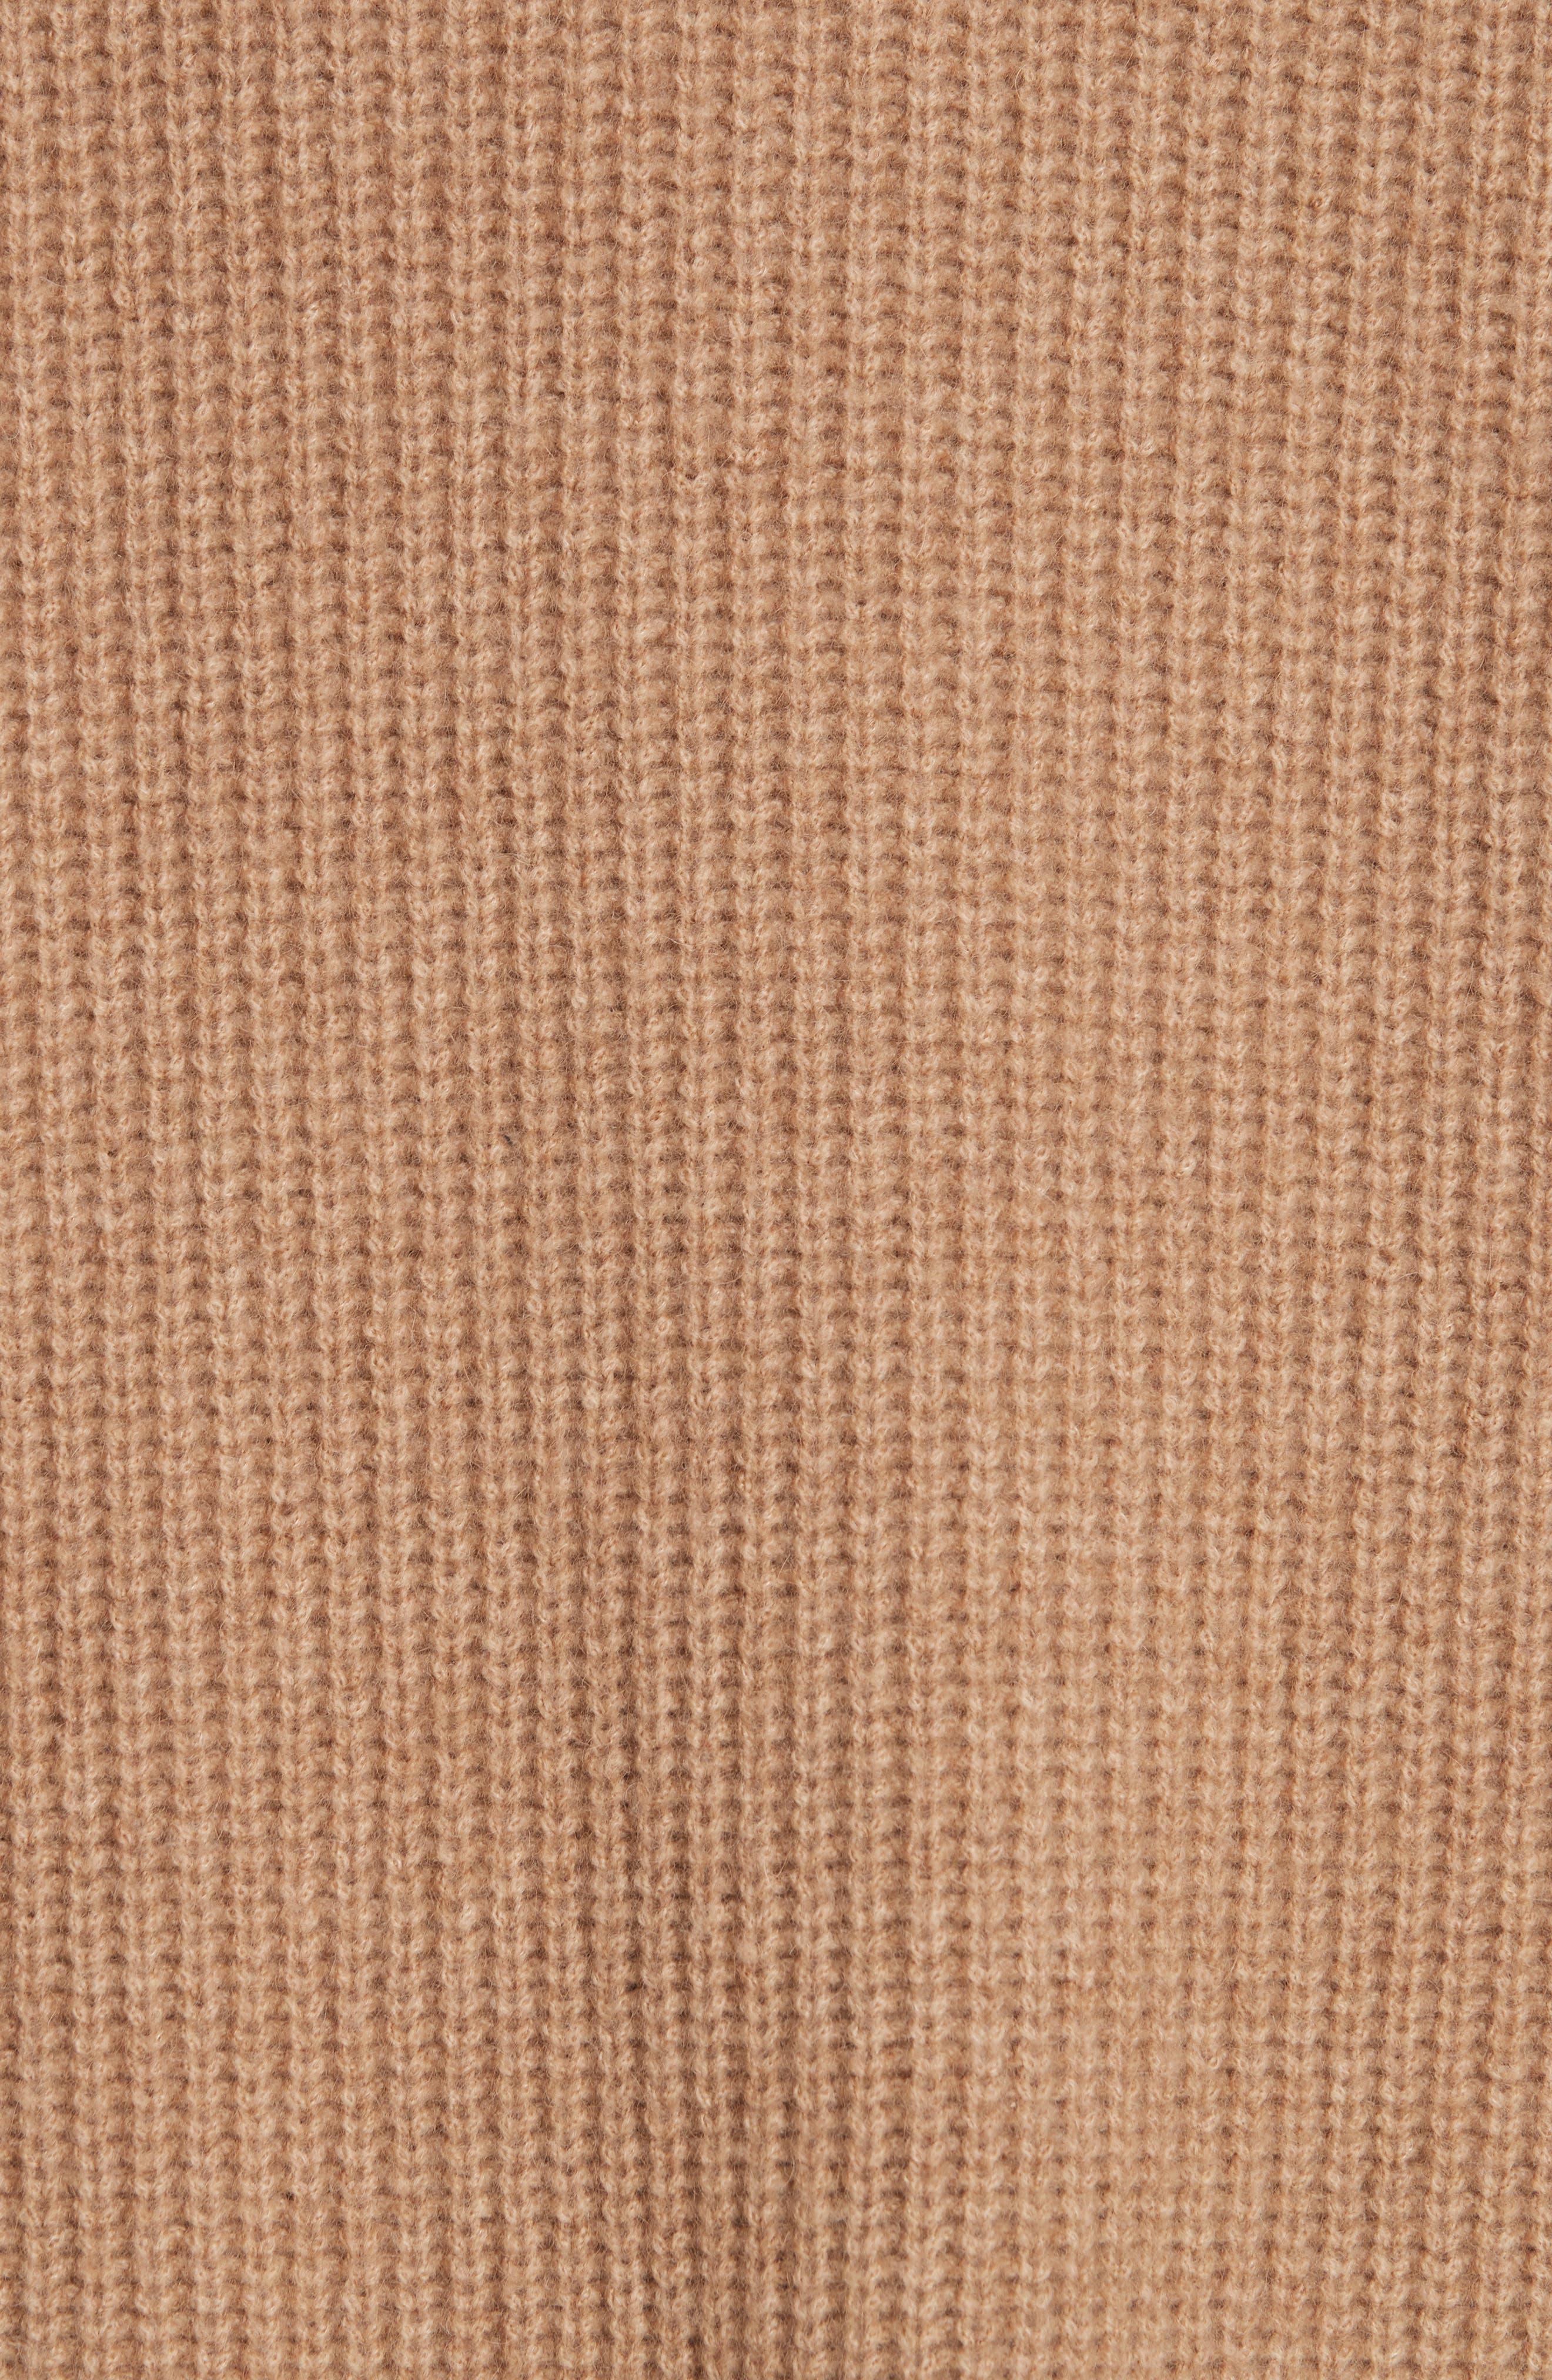 NILI LOTAN,                             Anitra Rib Knit Turtleneck Sweater,                             Alternate thumbnail 5, color,                             261